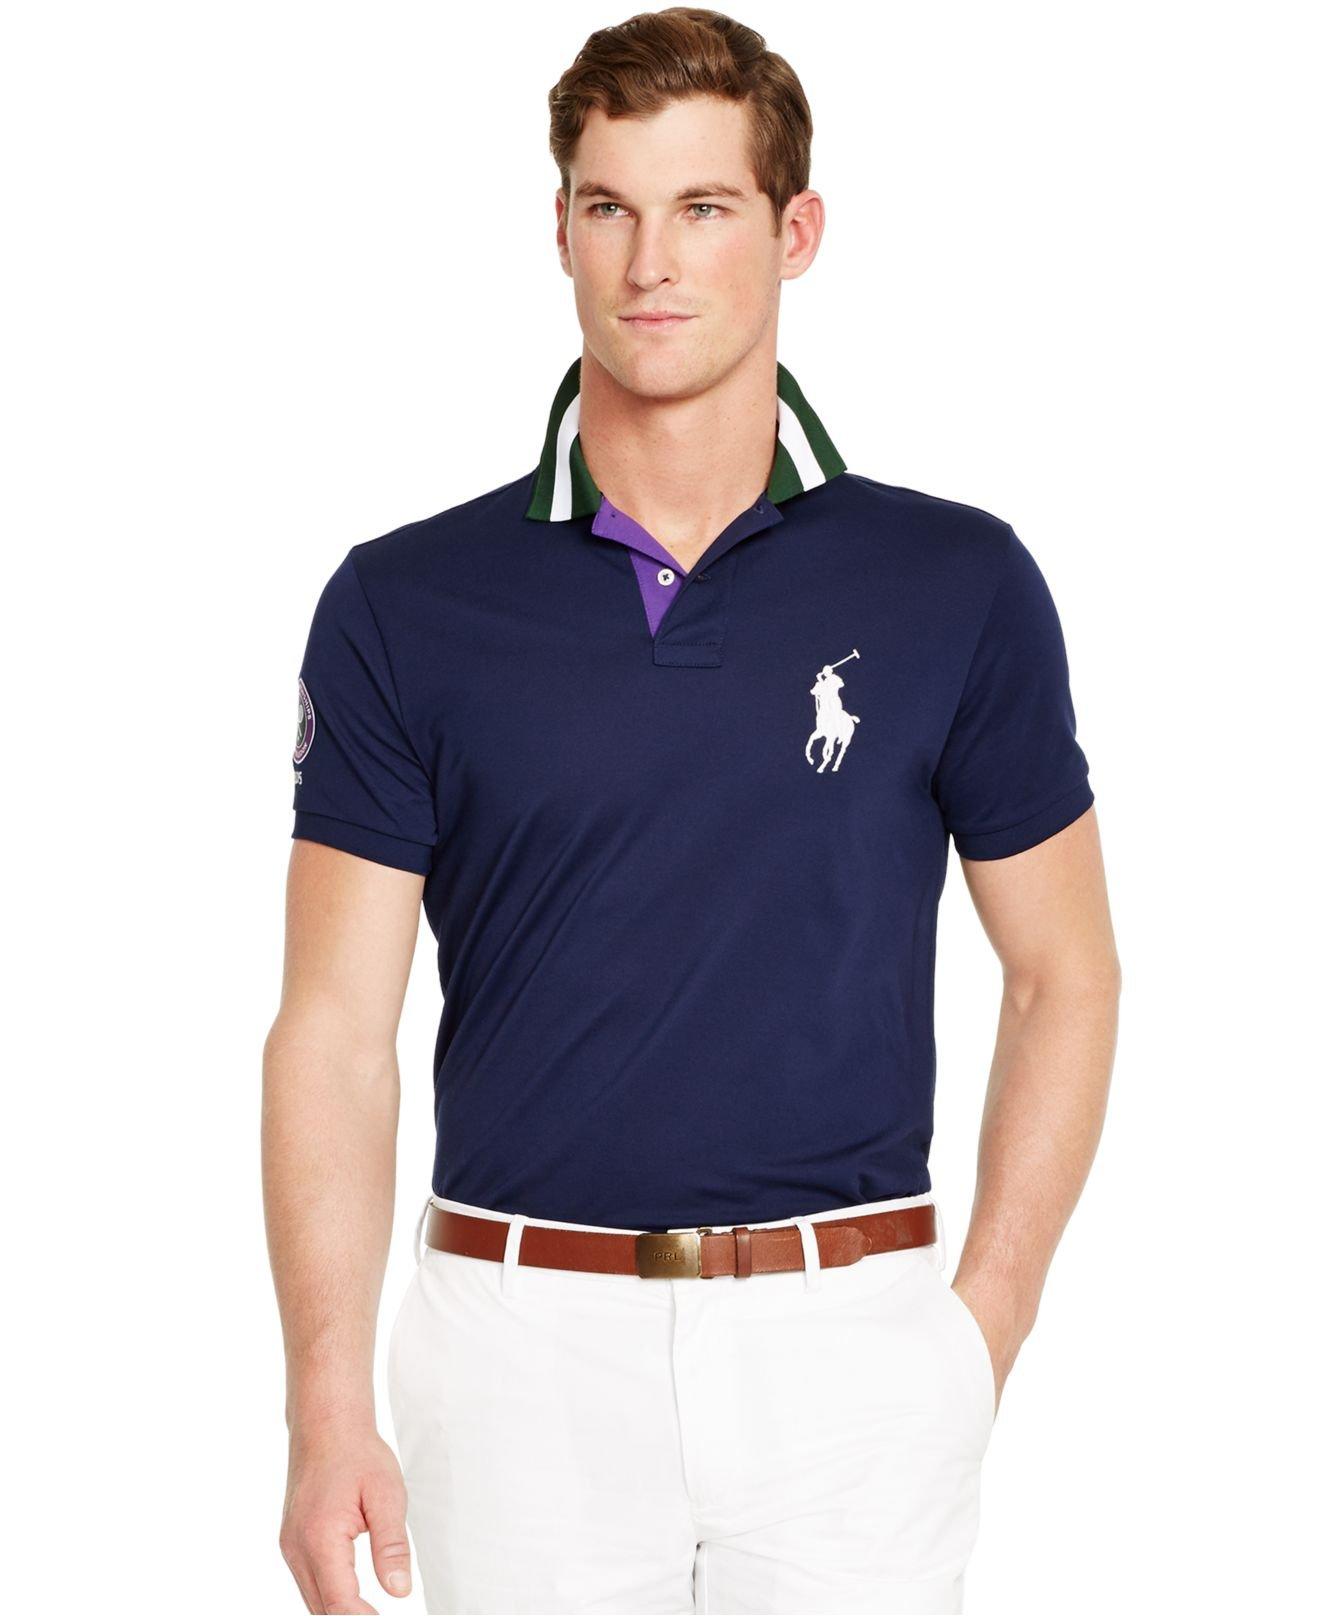 Polo Ralph Lauren Wimbledon Custom Fit Ball Boy Polo Shirt